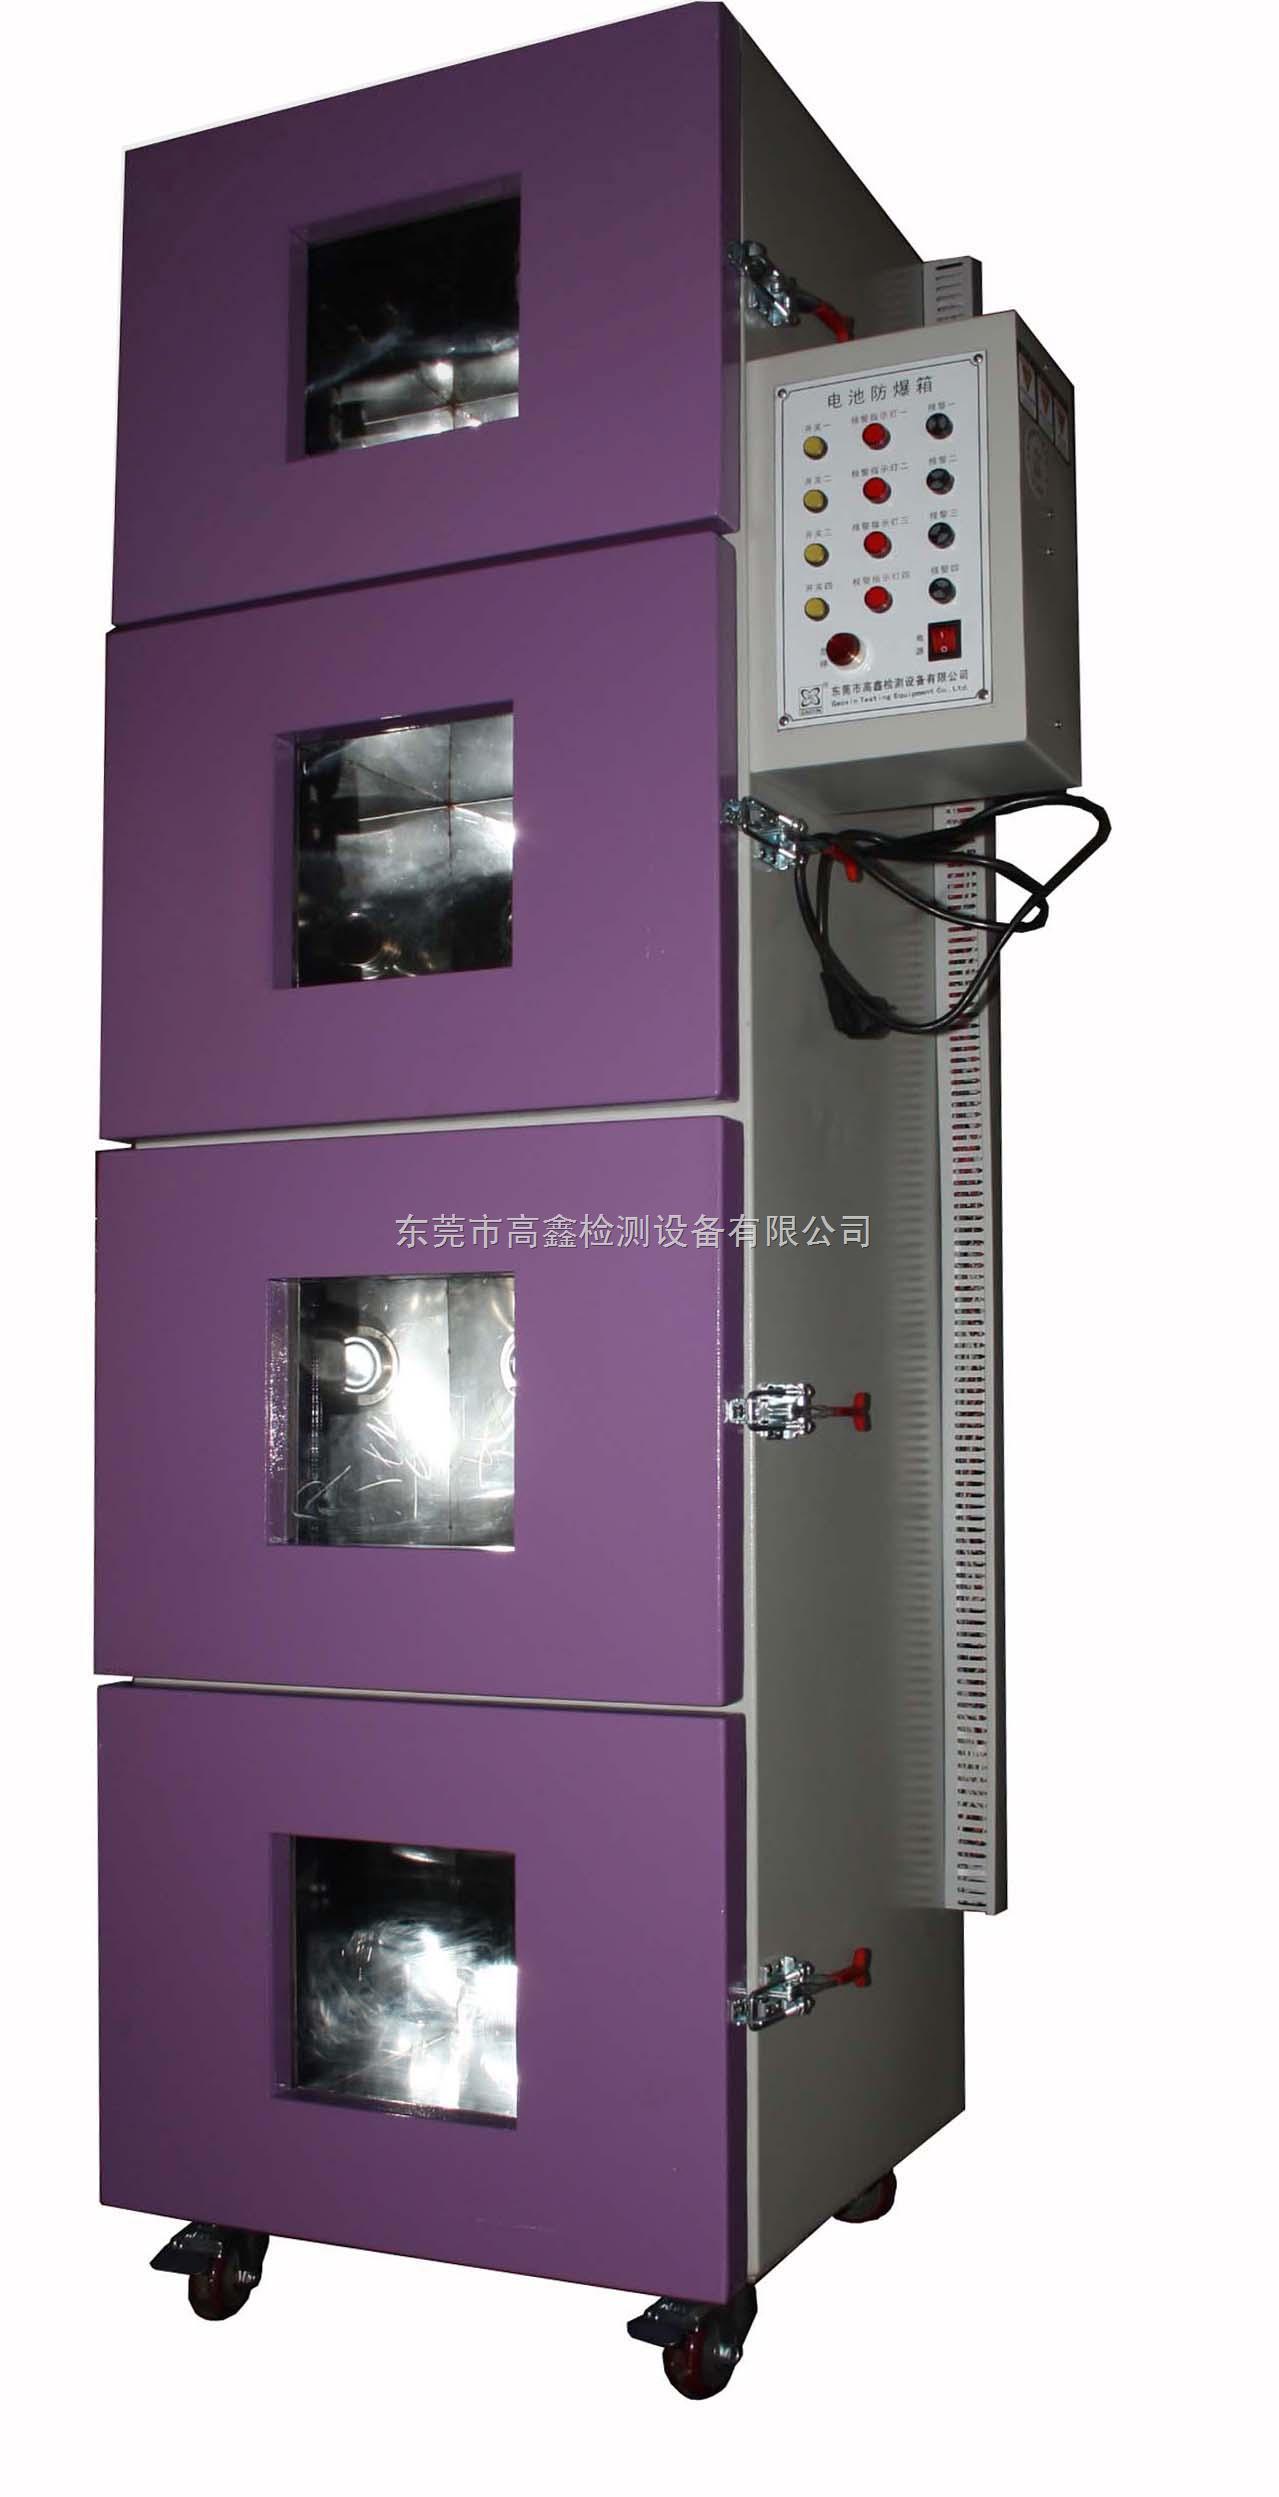 电池防爆箱gx-fb-100-东莞市高鑫检测设备有限公司图片